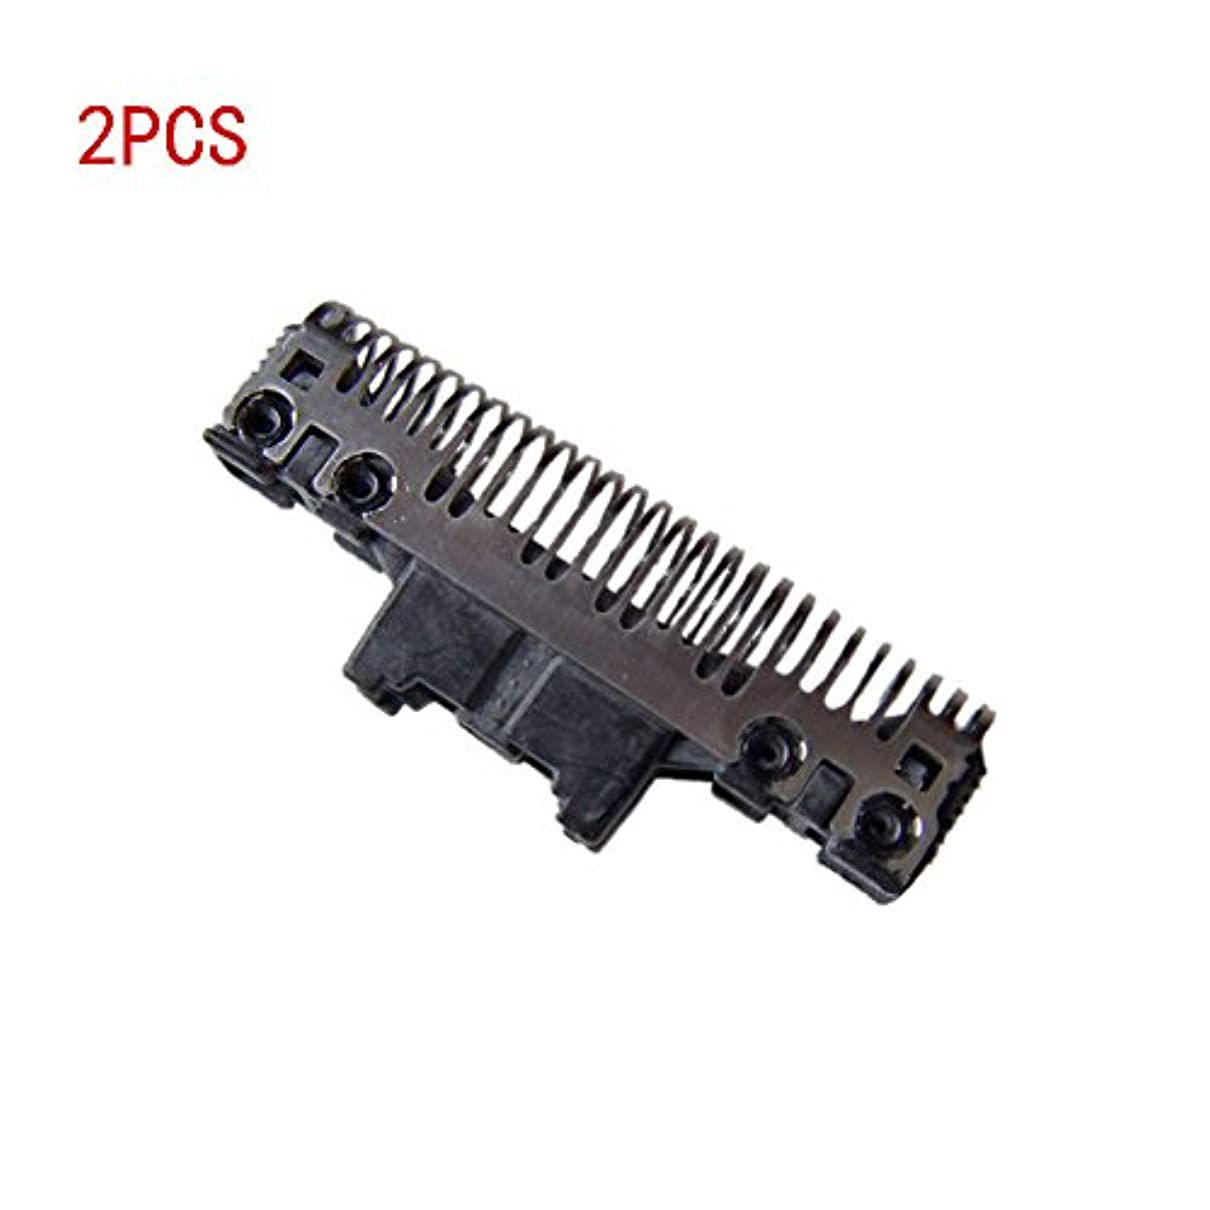 囲む回想悲しいことにJanjunsi 回転式シェーバー シェーバーパーツ シェーバー 交換用 替刃 内刃 耐用 for Panasonic ES9072/7021/7022/7023/7026/7027/7006/7007